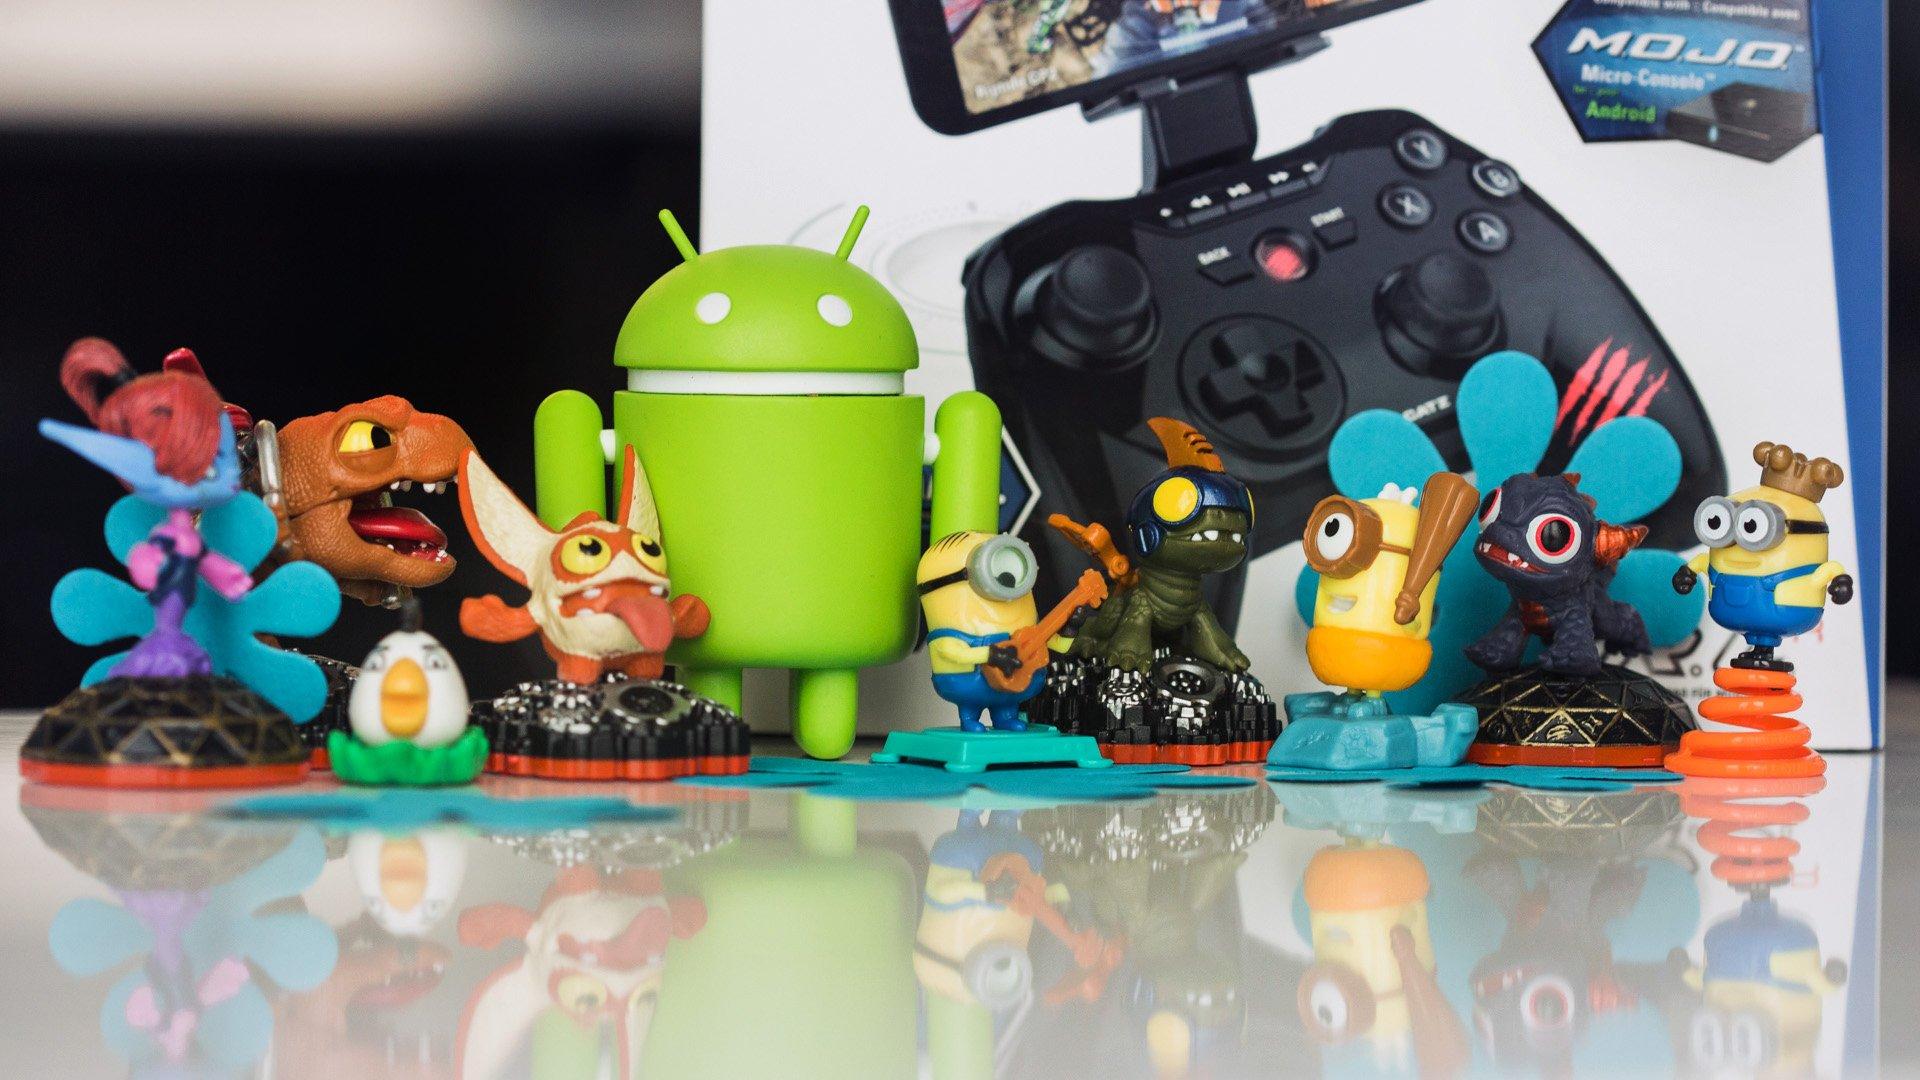 Come ottimizzare i giochi su un dispositivo mobile Android 2